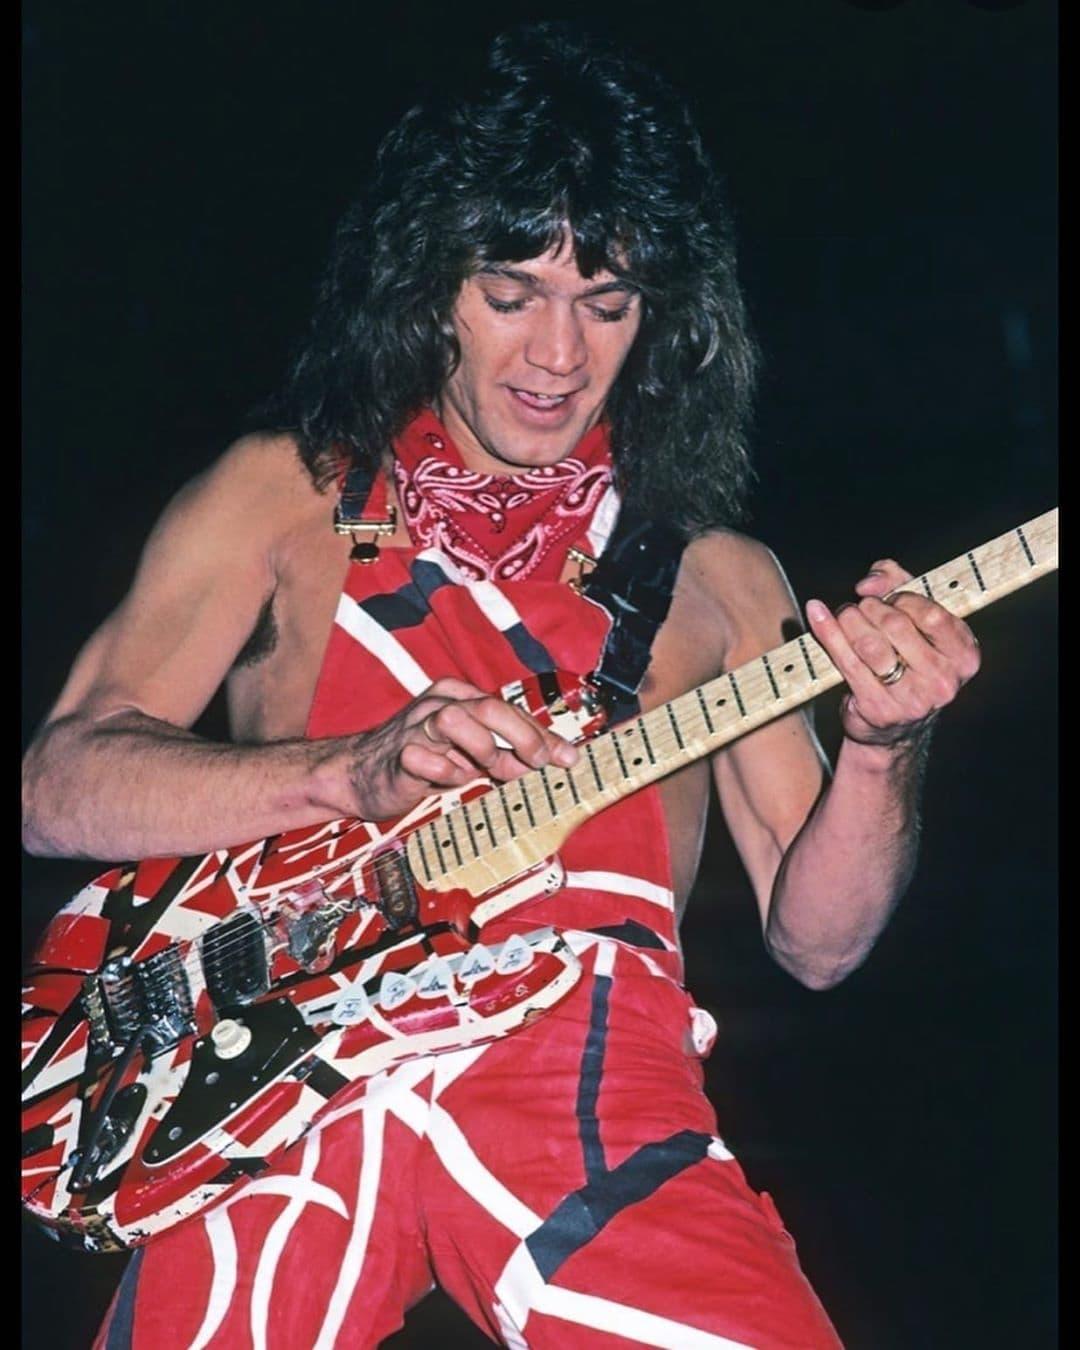 Gitaris Legendaris Eddie Van Halen Meninggal Di Umur 65